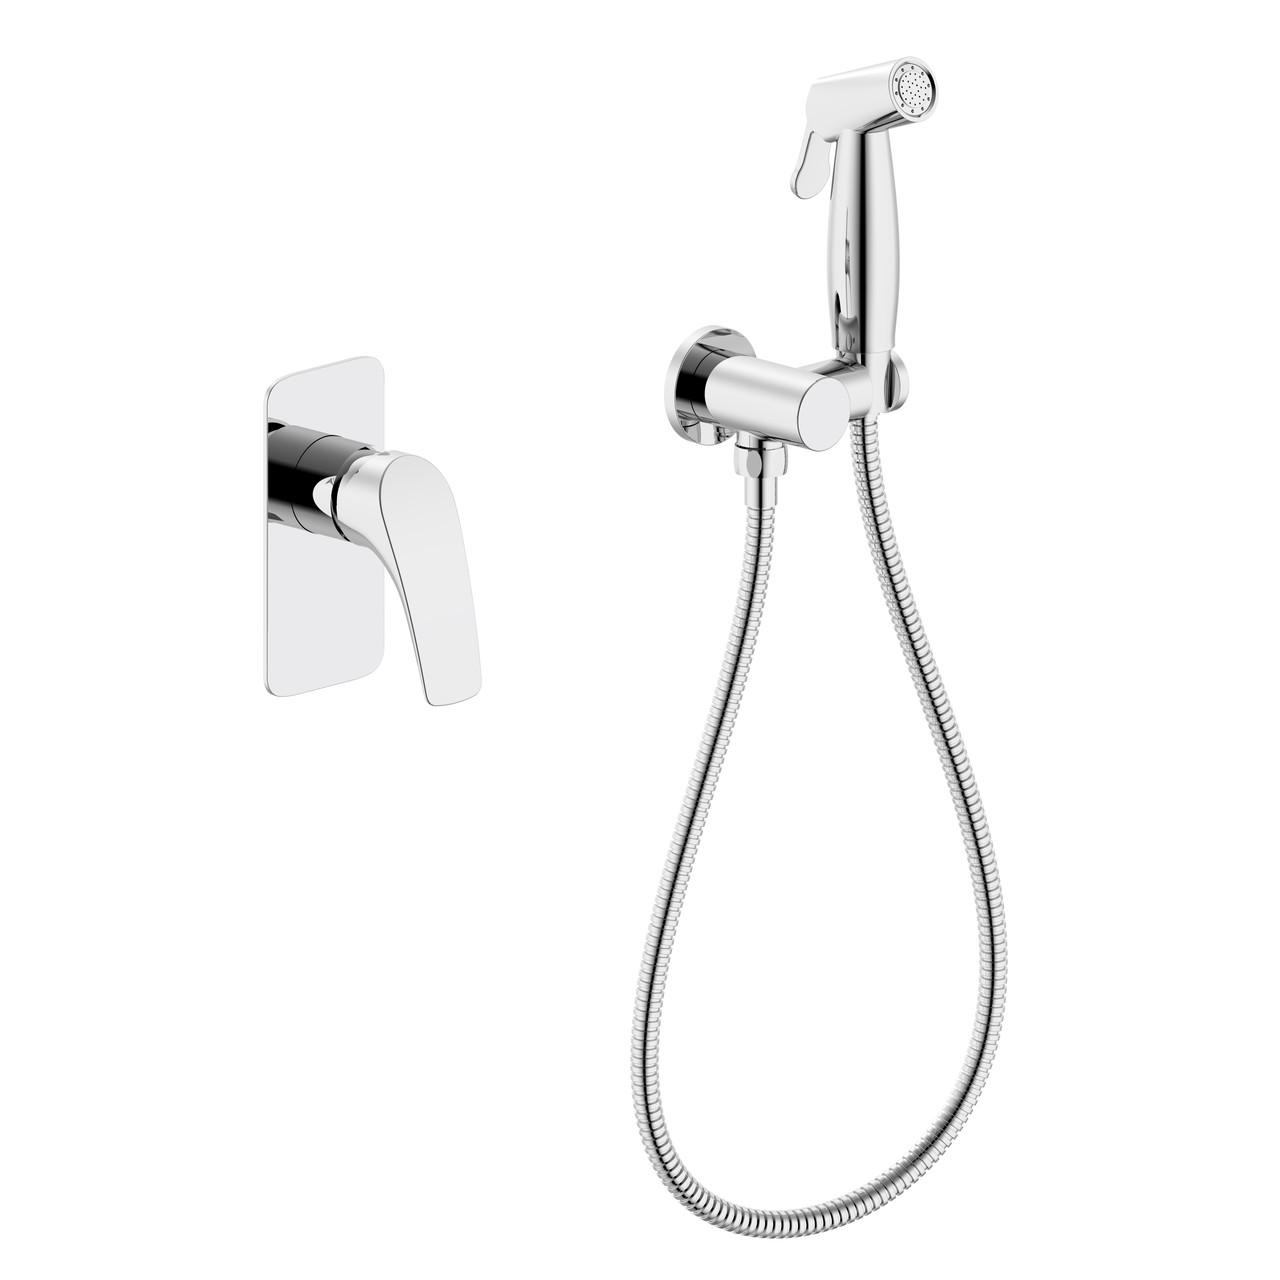 ORLANDO набор (смеситель скрытого монтажа с гигиеническим душем) Volle 15195200